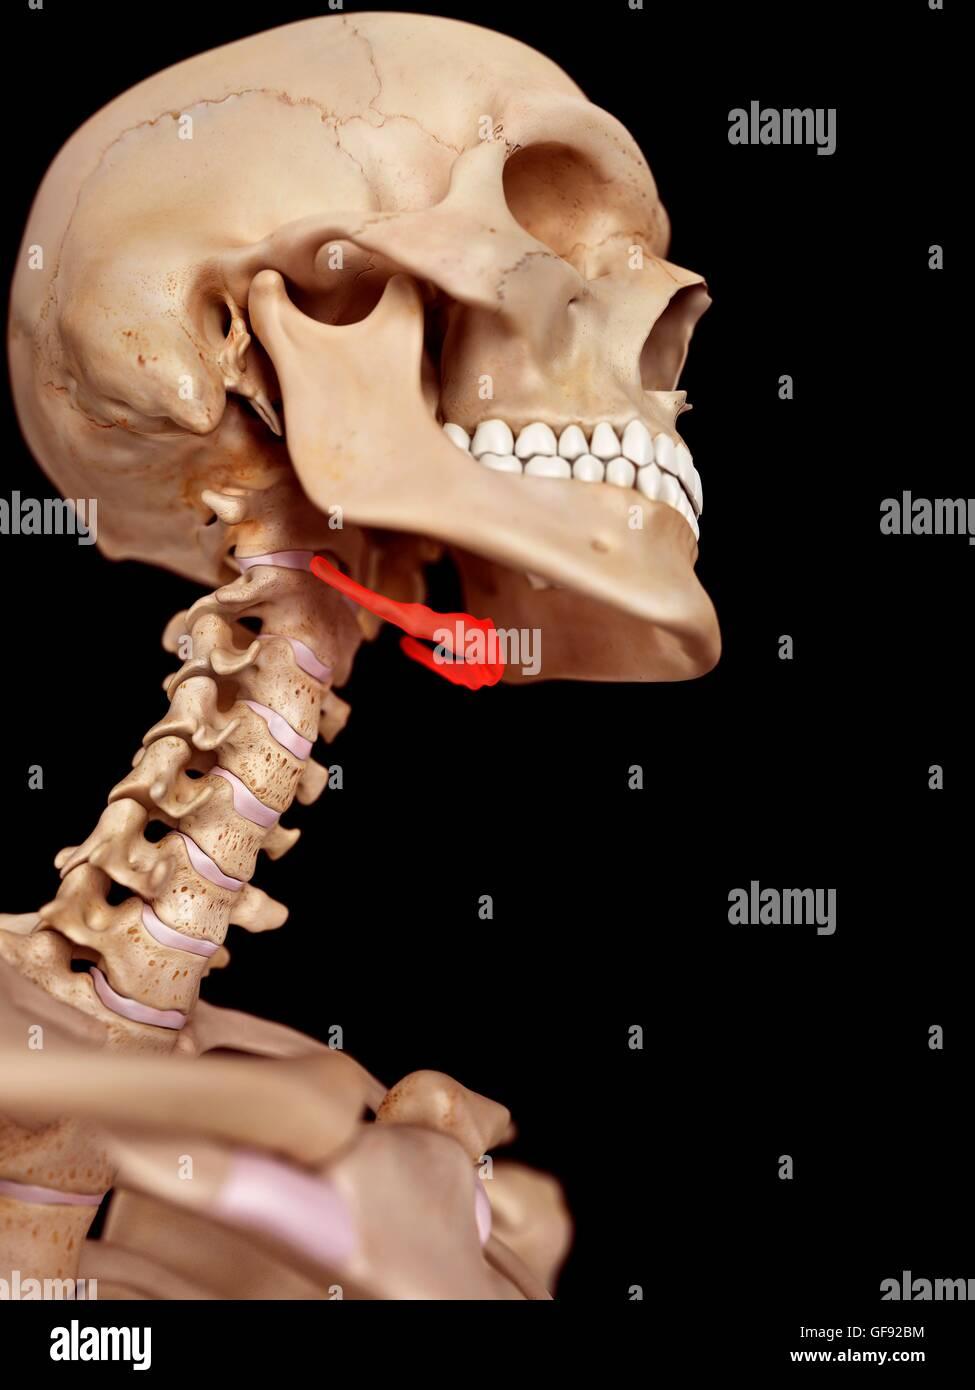 Menschlichen Hals Anatomie, Abbildung Stockfoto, Bild: 112681512 - Alamy